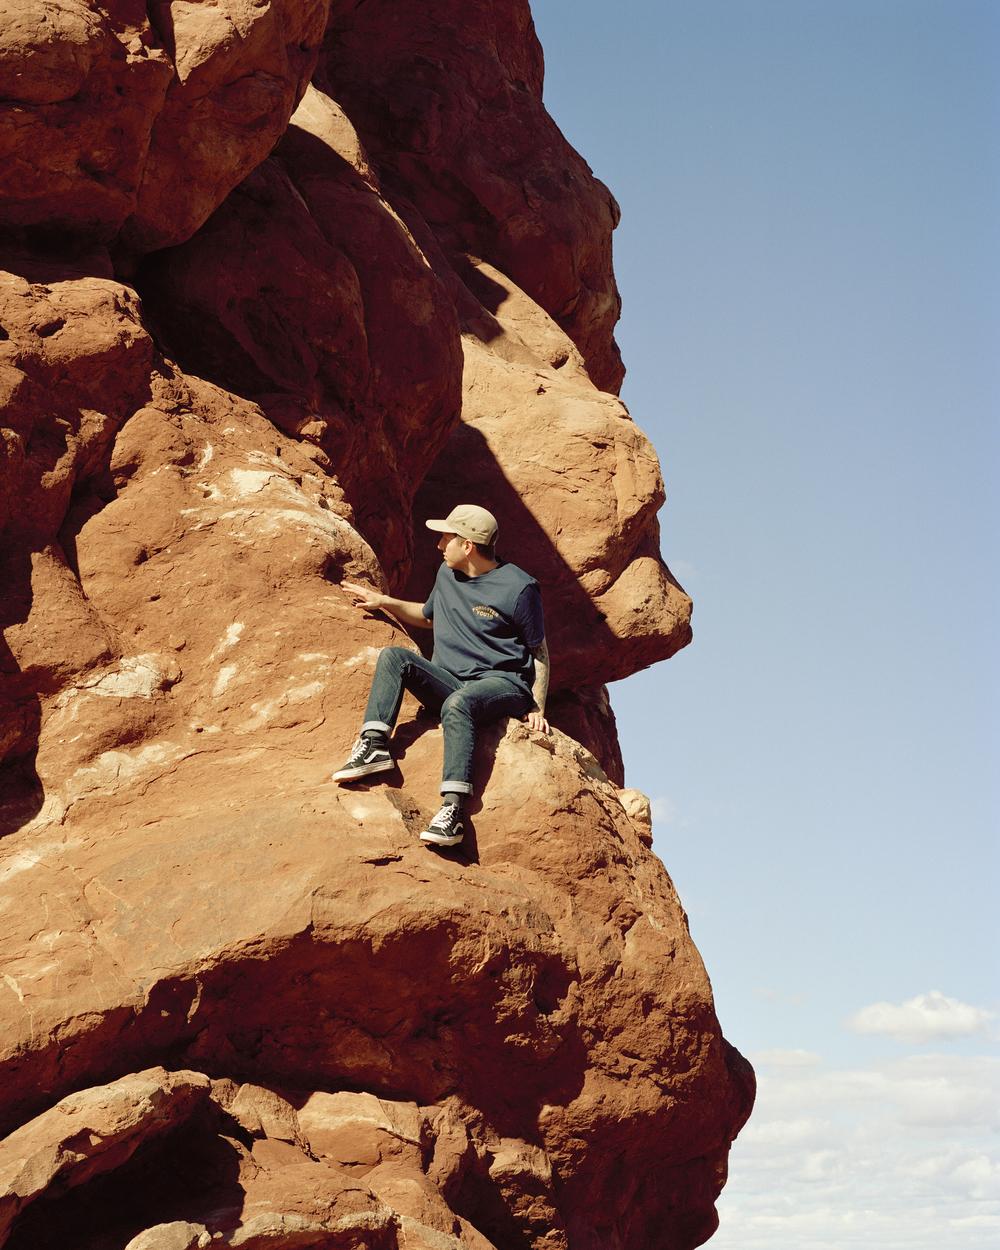 jok on a rock2.jpg